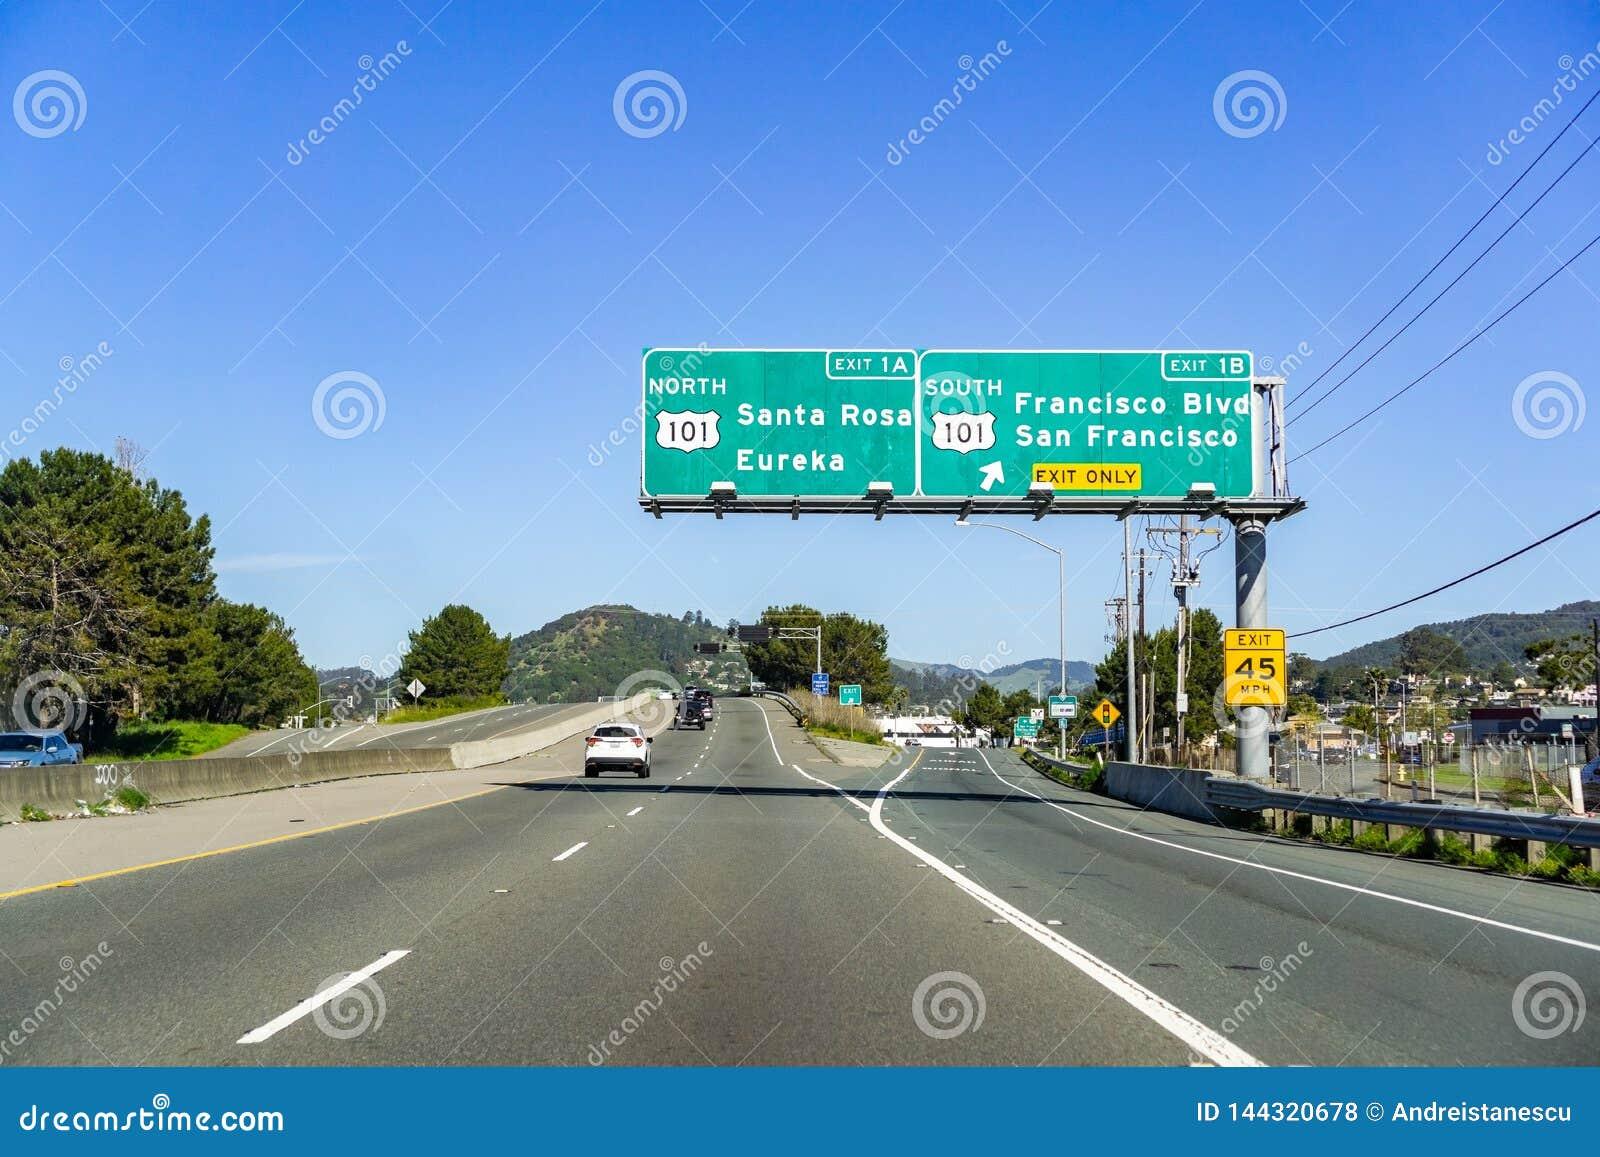 31 de marzo de 2019 San Rafael/CA/los E.E.U.U. - viajando en la autopista sin peaje hacia el valle de Sonoma, área de la Bahía de